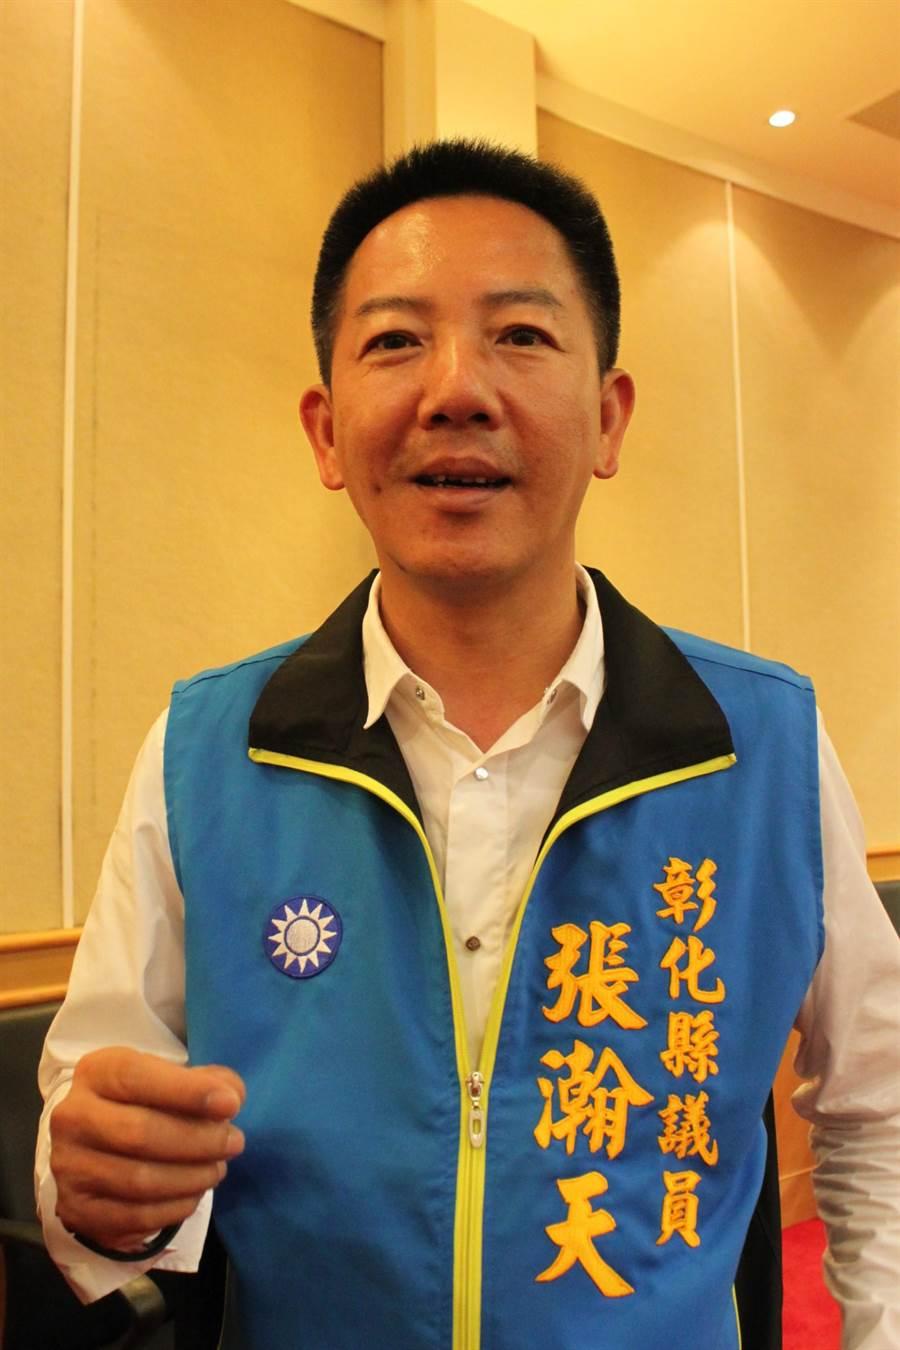 張瀚天表示,參選的資格已獲黨中央審查通過,呼籲國民黨團結。(吳敏菁翻攝)